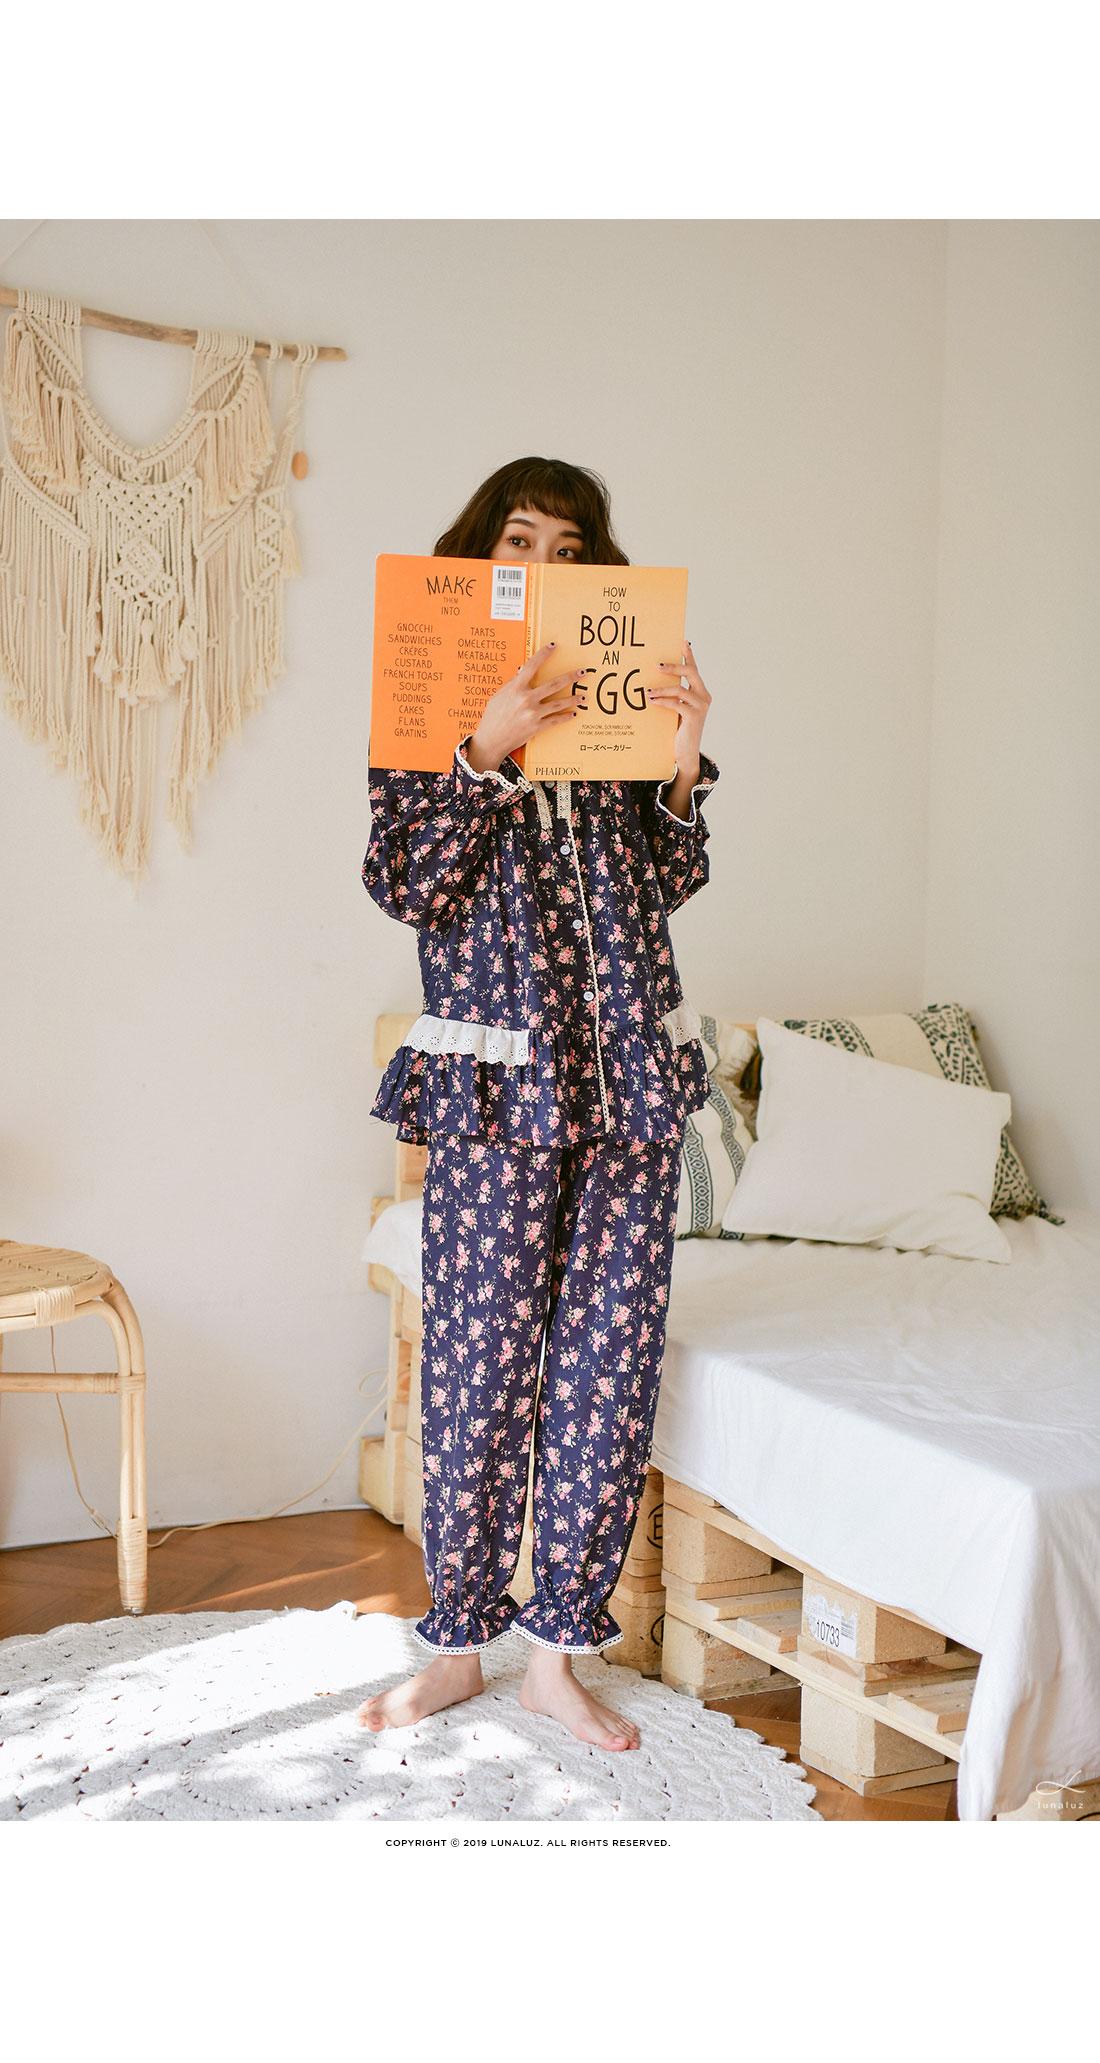 순면 긴소매라운드 투피스 여성잠옷 W405 - 쿠비카, 65,000원, 잠옷, 여성파자마